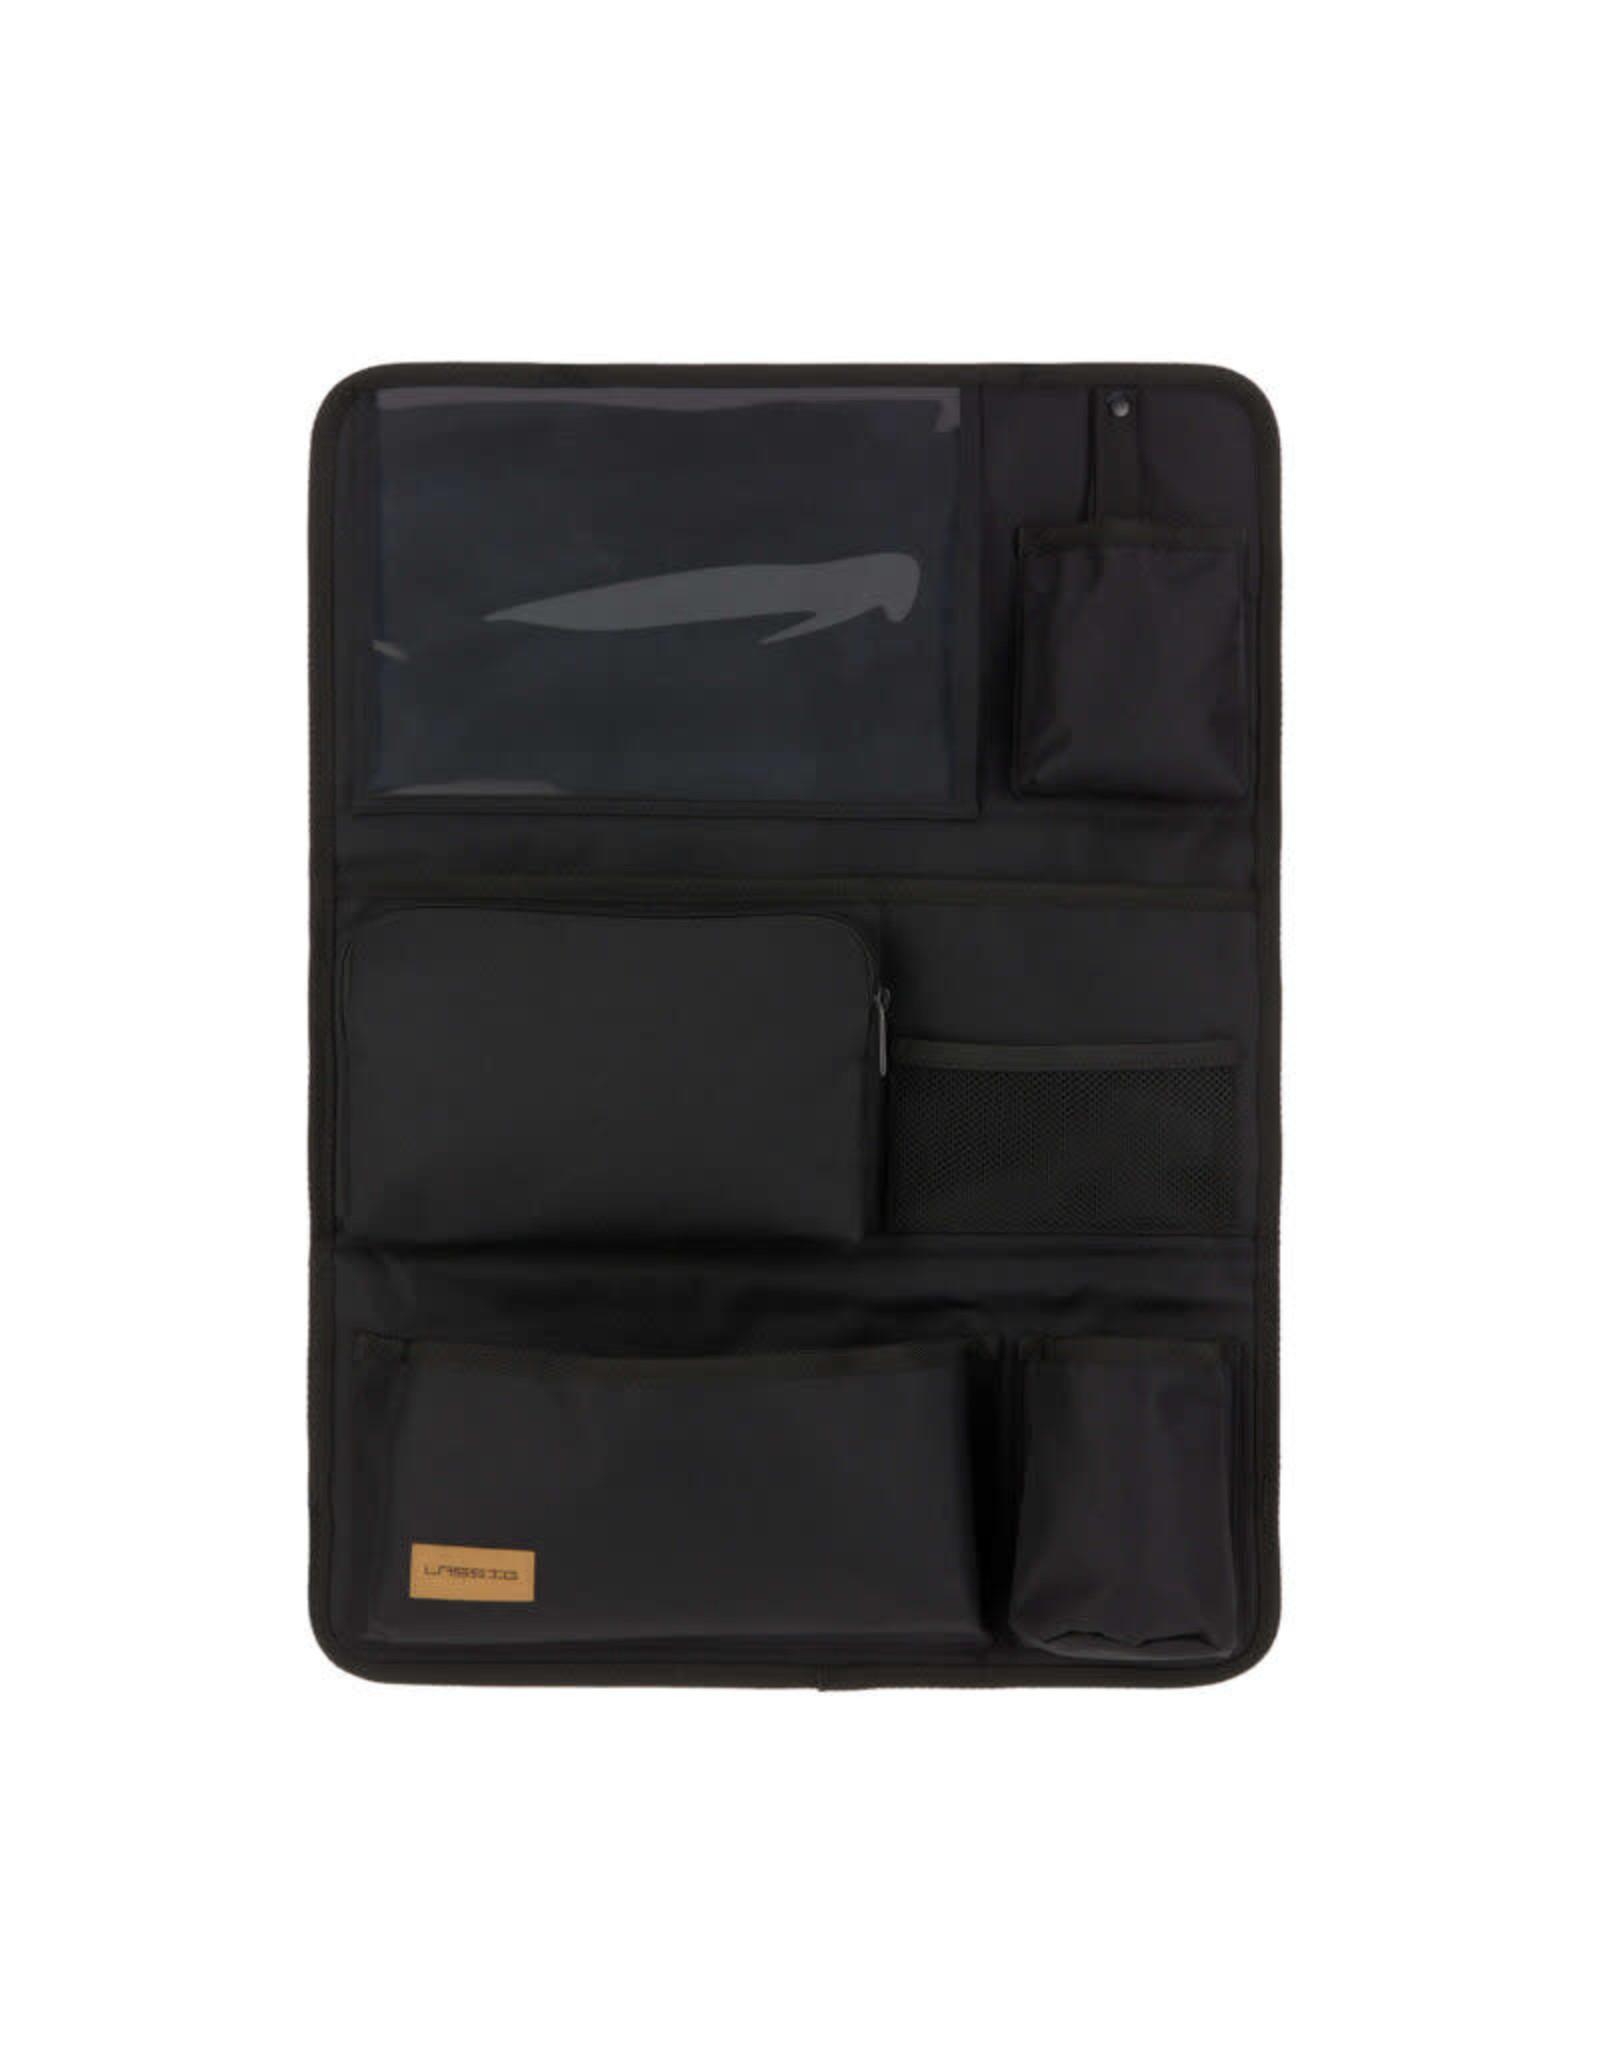 Lassig Lassig Car Wrap-to-Go, Black Edition